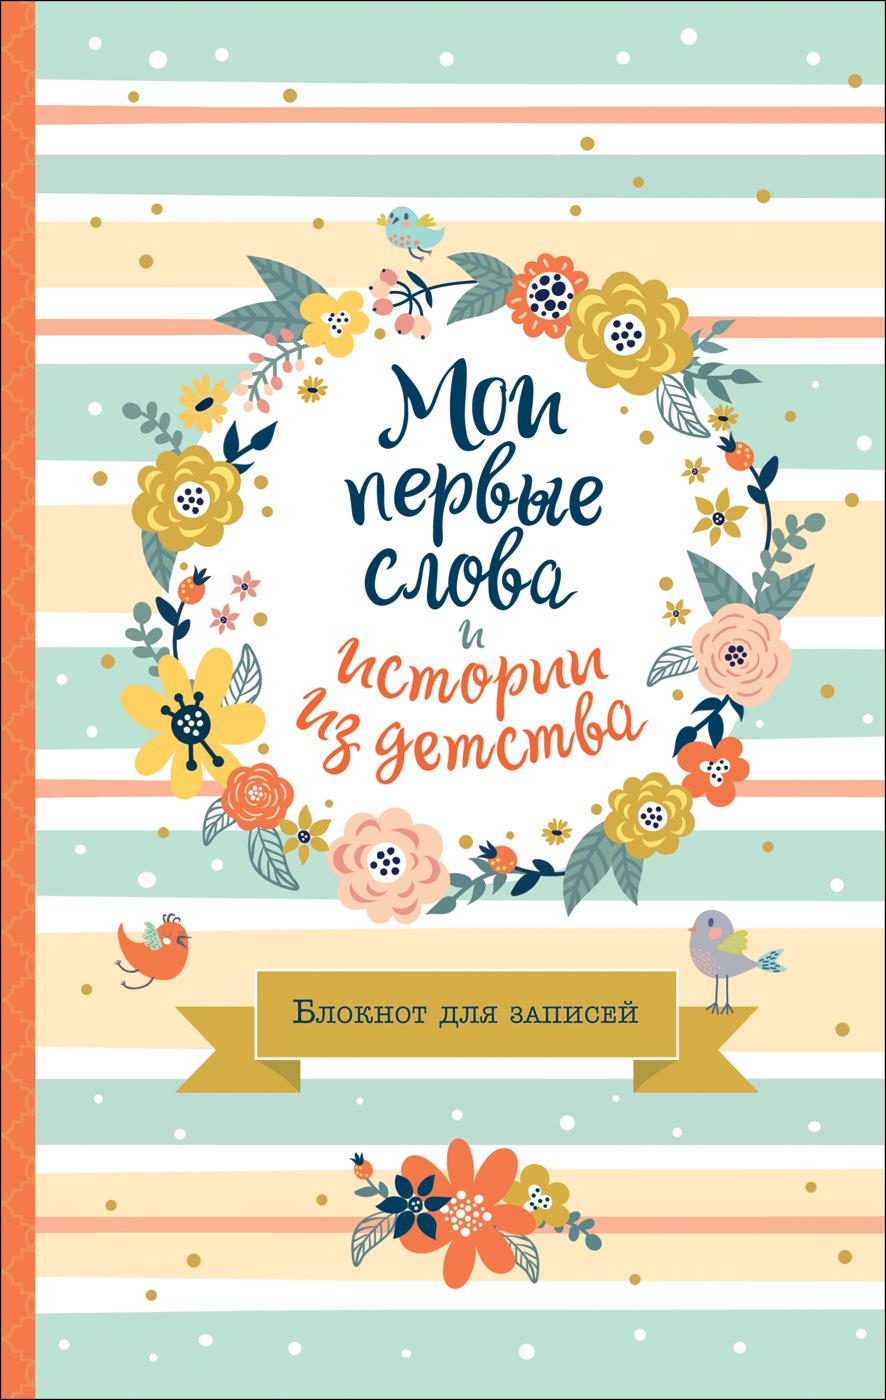 Котятова Н. И. Мои первые слова и истории из детства. Блокнот для записей